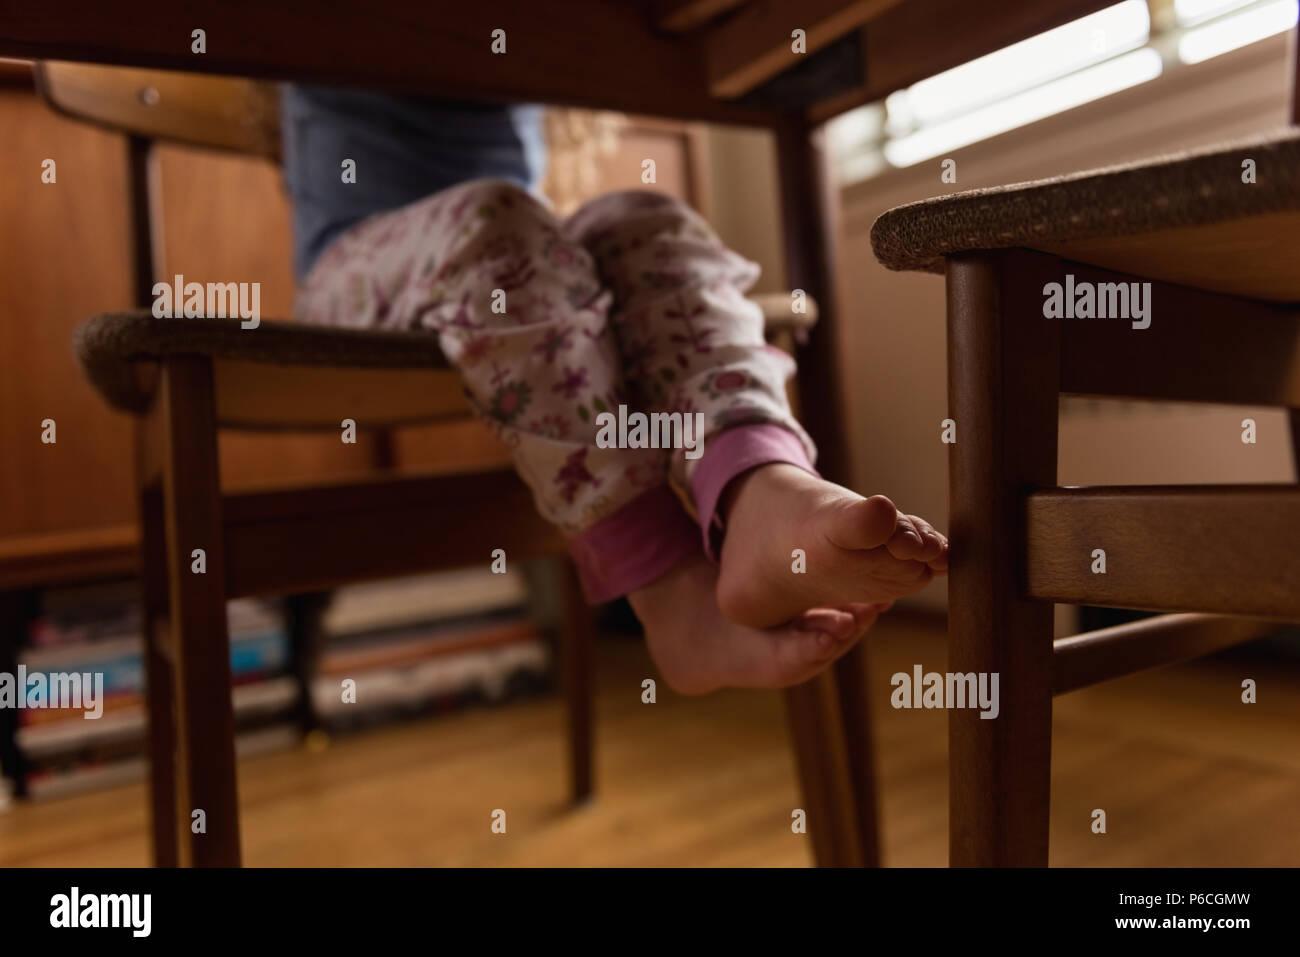 Petite fille assise sur une chaise à la maison Banque D'Images